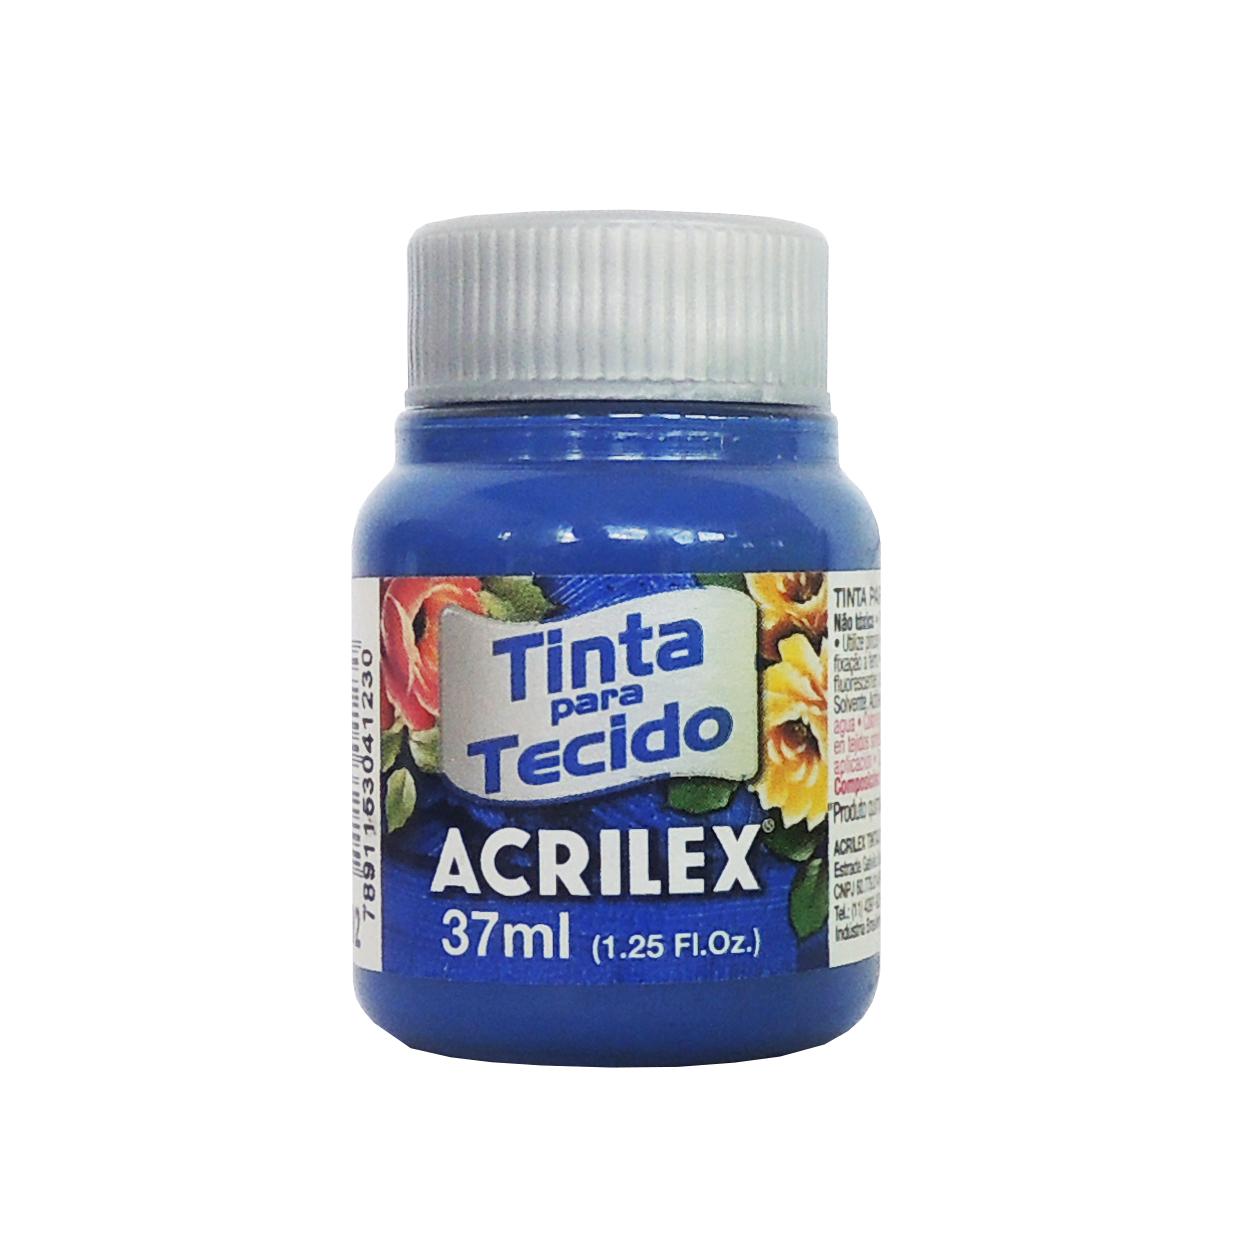 tinta-para-tecido-acrilex-37ml-502-azul-cobalto